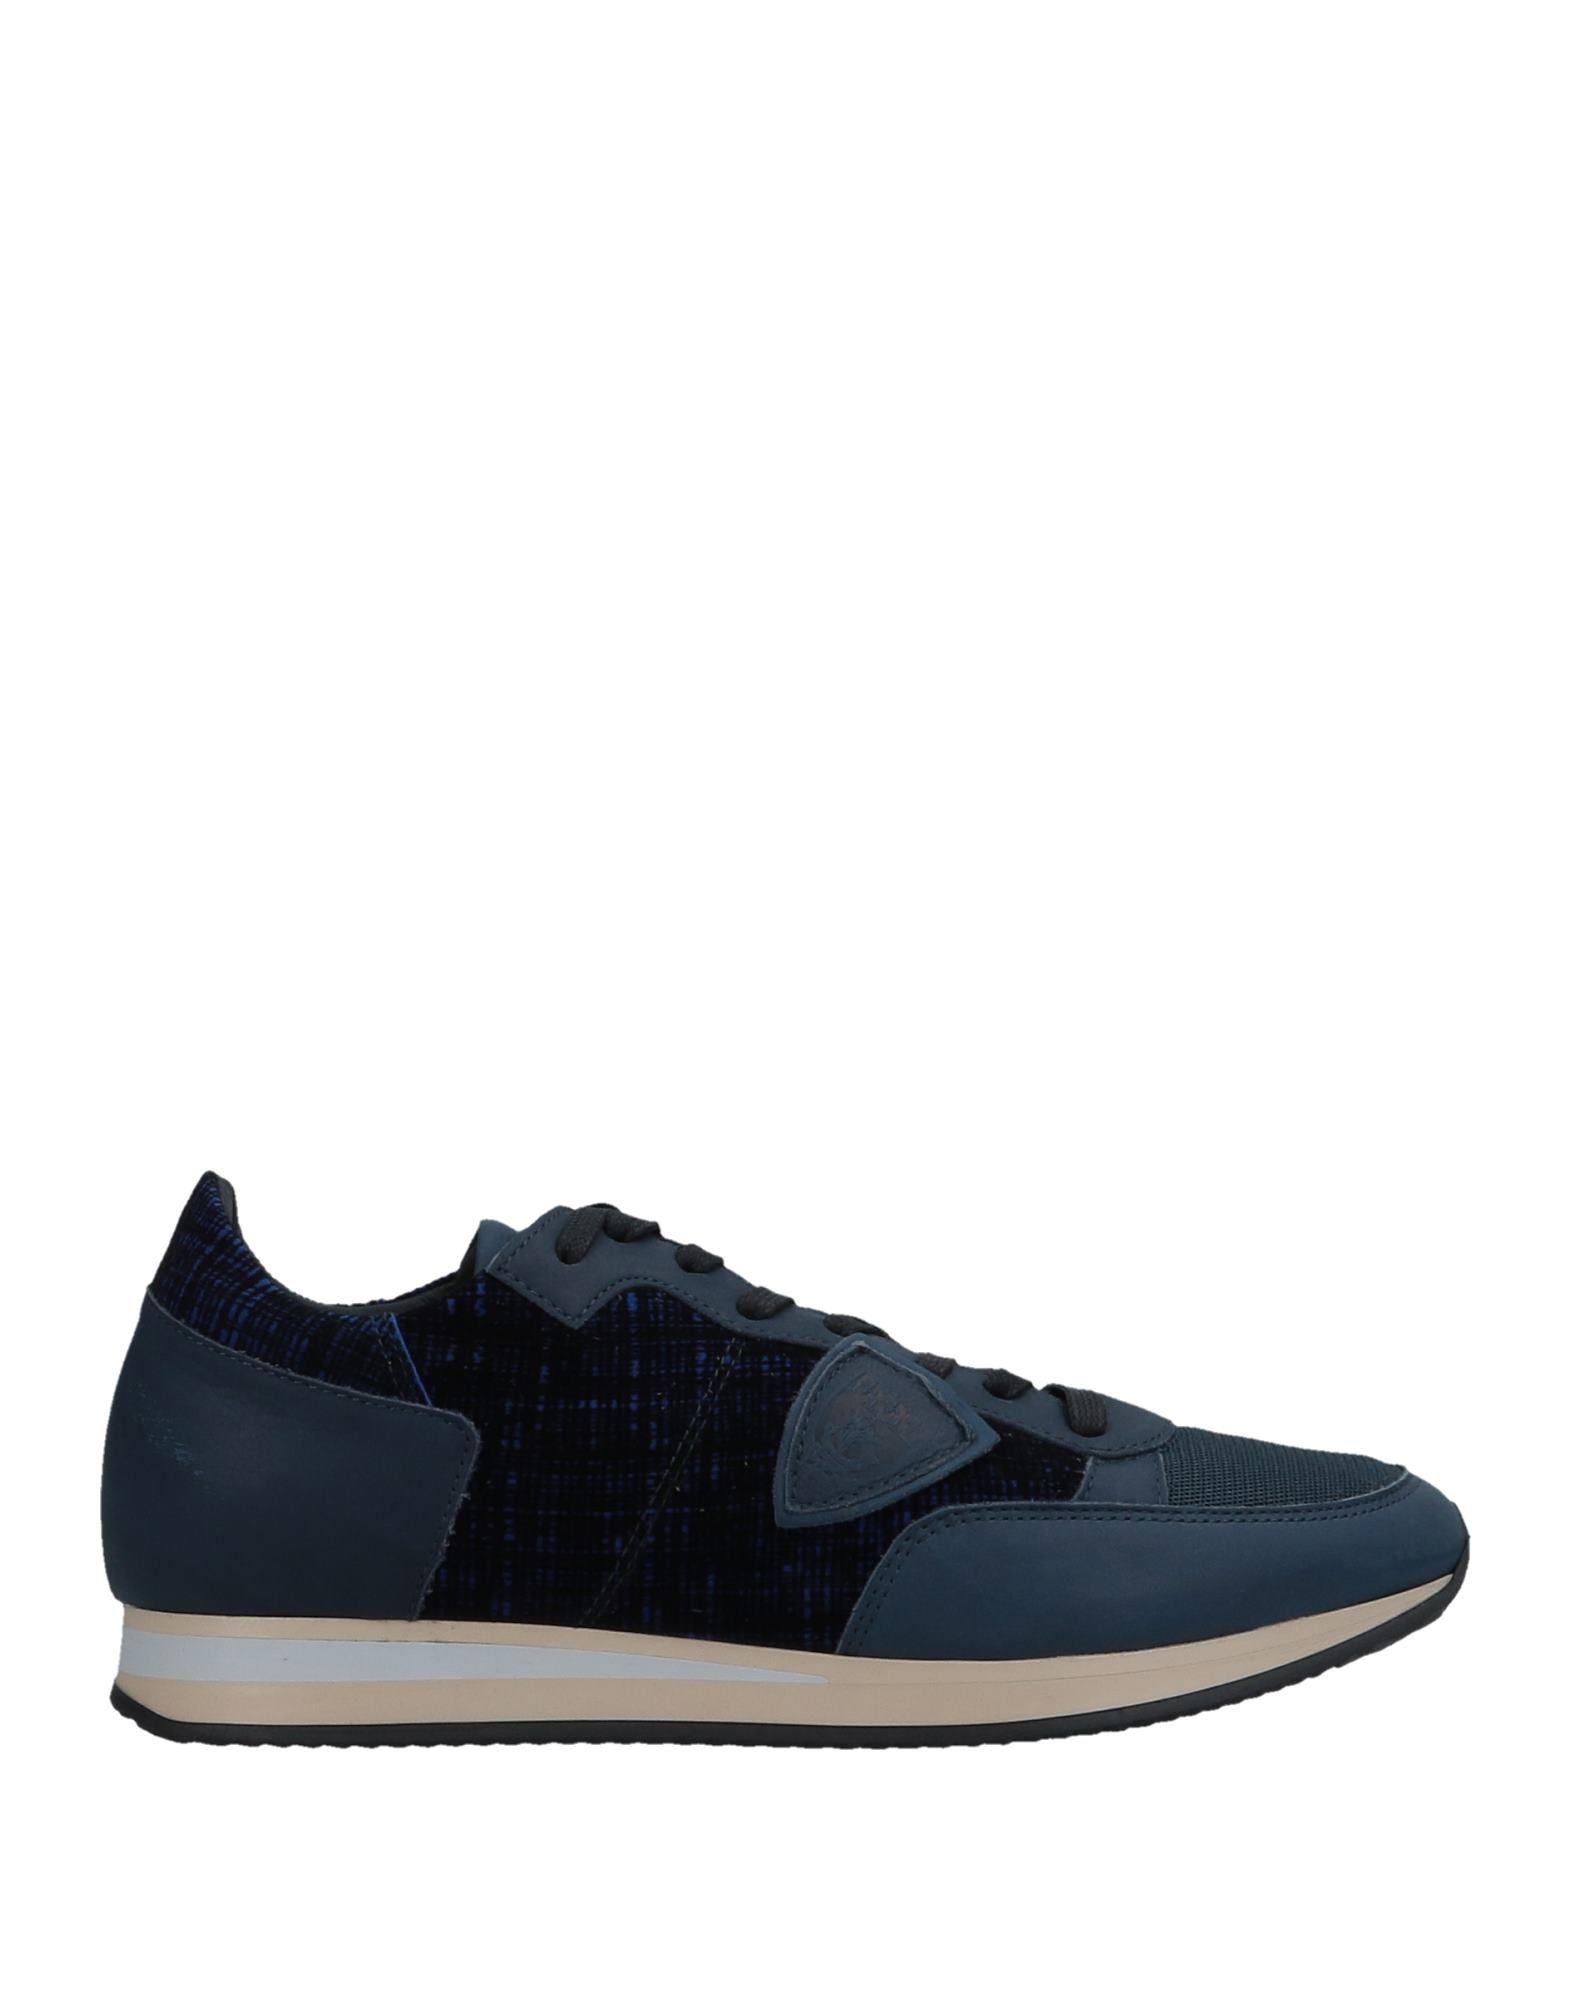 Philippe Model Sneakers Herren  11511402PL Gute Qualität beliebte Schuhe